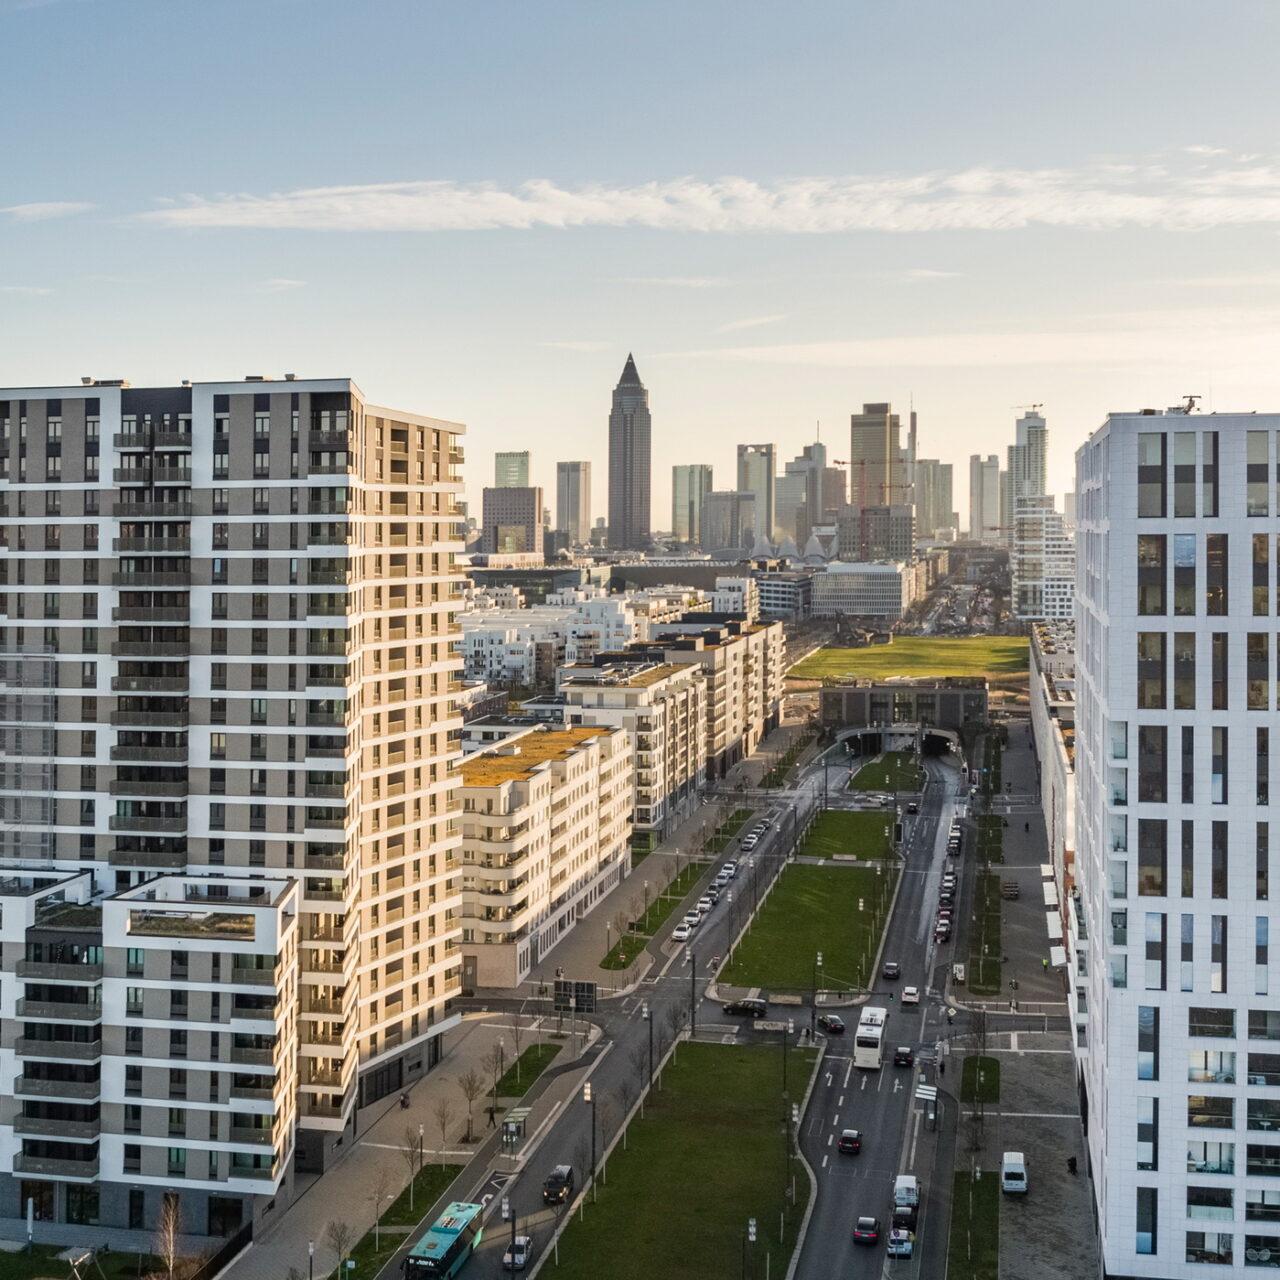 Real I.S. erwirbt deutsches Wohnportfolio für neuen offenen Spezialfonds